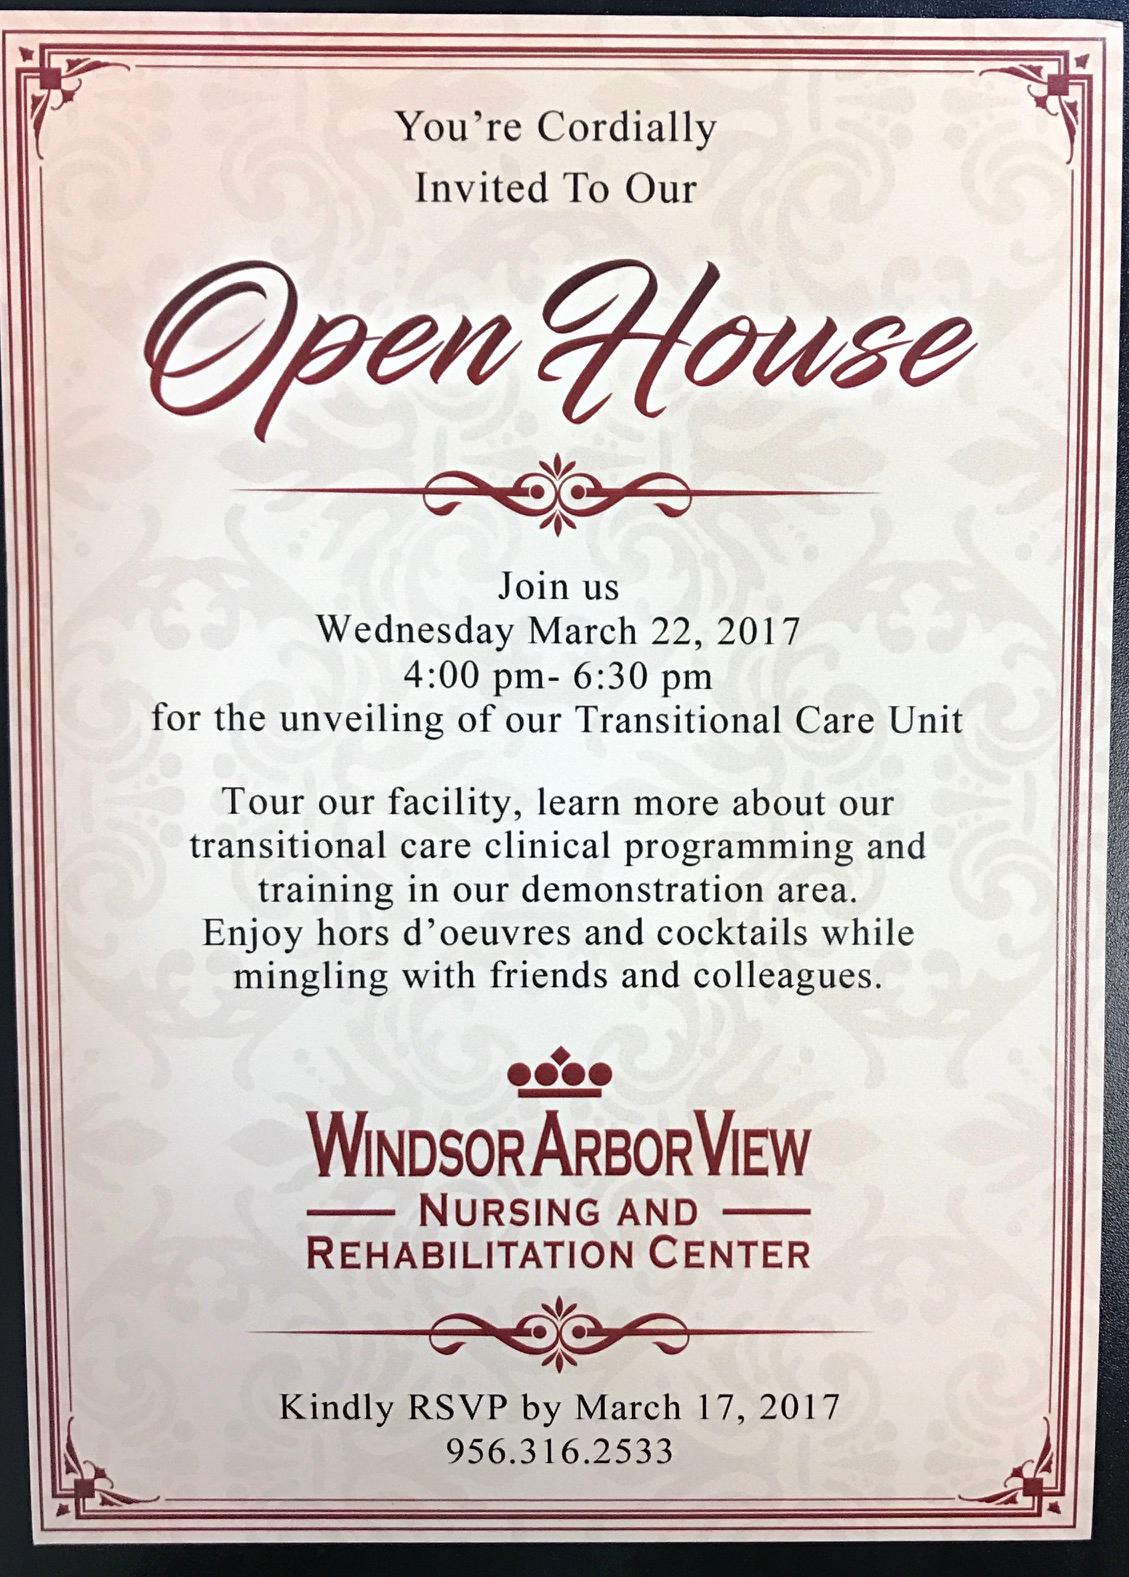 Sample Open House Invitation Elegant Windsor Arborview Open House Mcallen Chamber Of Merce